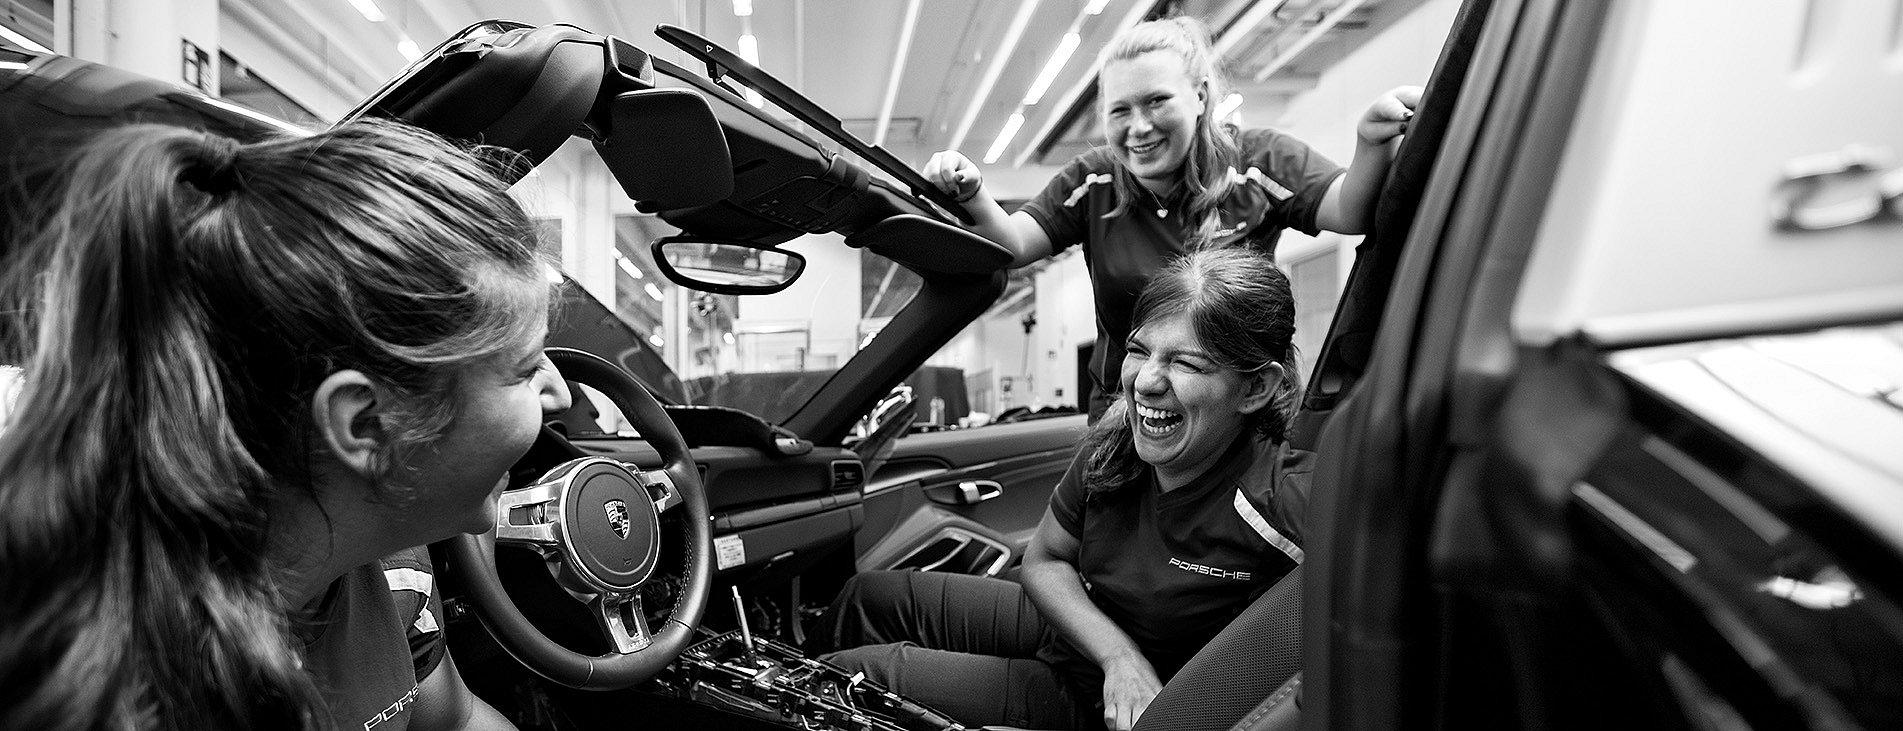 Porsche Newsroom Presse 30 Auszubildende 3